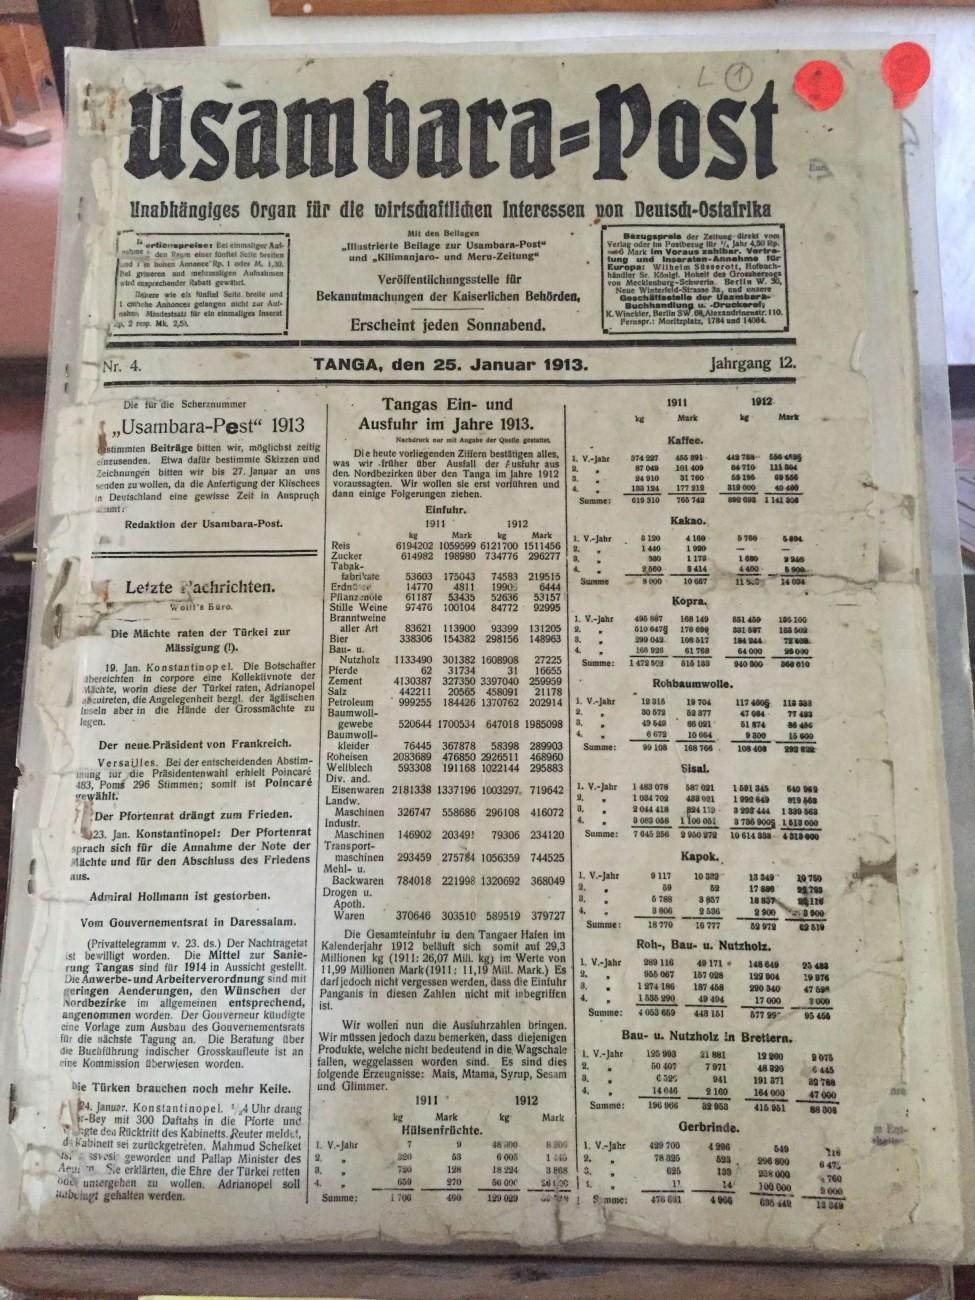 Das Wall Street von vor 100 Jahren: Die »Usambara Post« listet die Rohstoffpreise auf